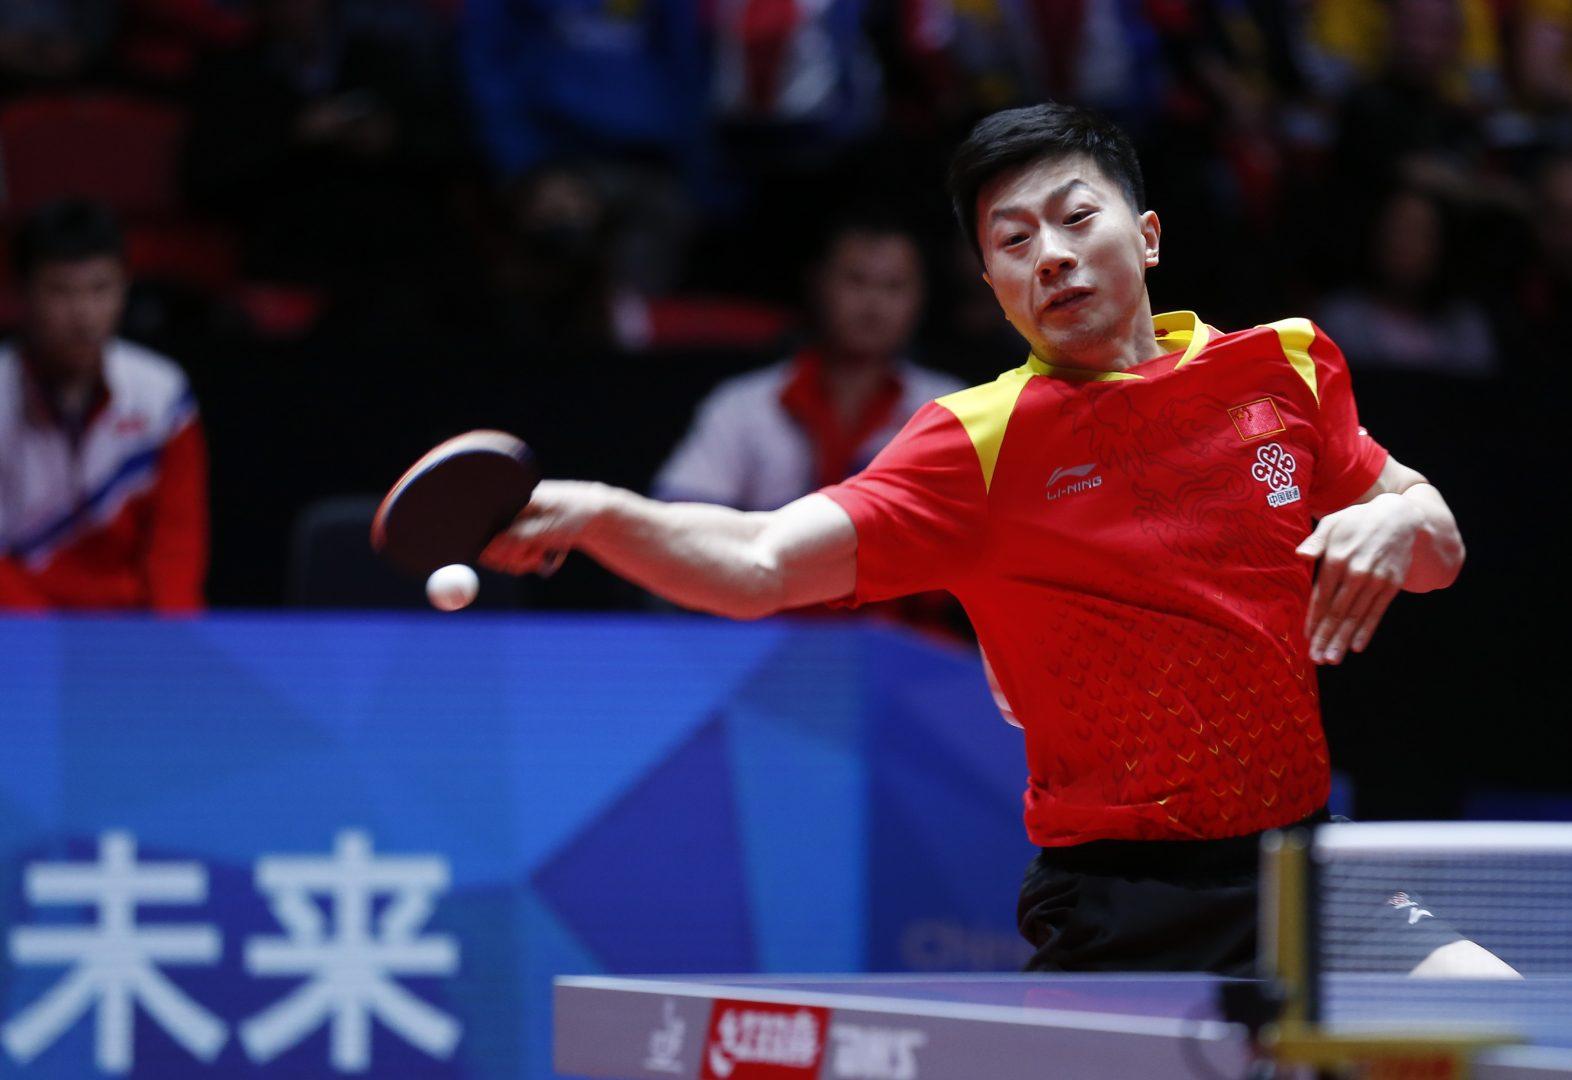 男子団体は中国、韓国、ドイツ、スウェーデンがメダル確定【世界卓球2018】